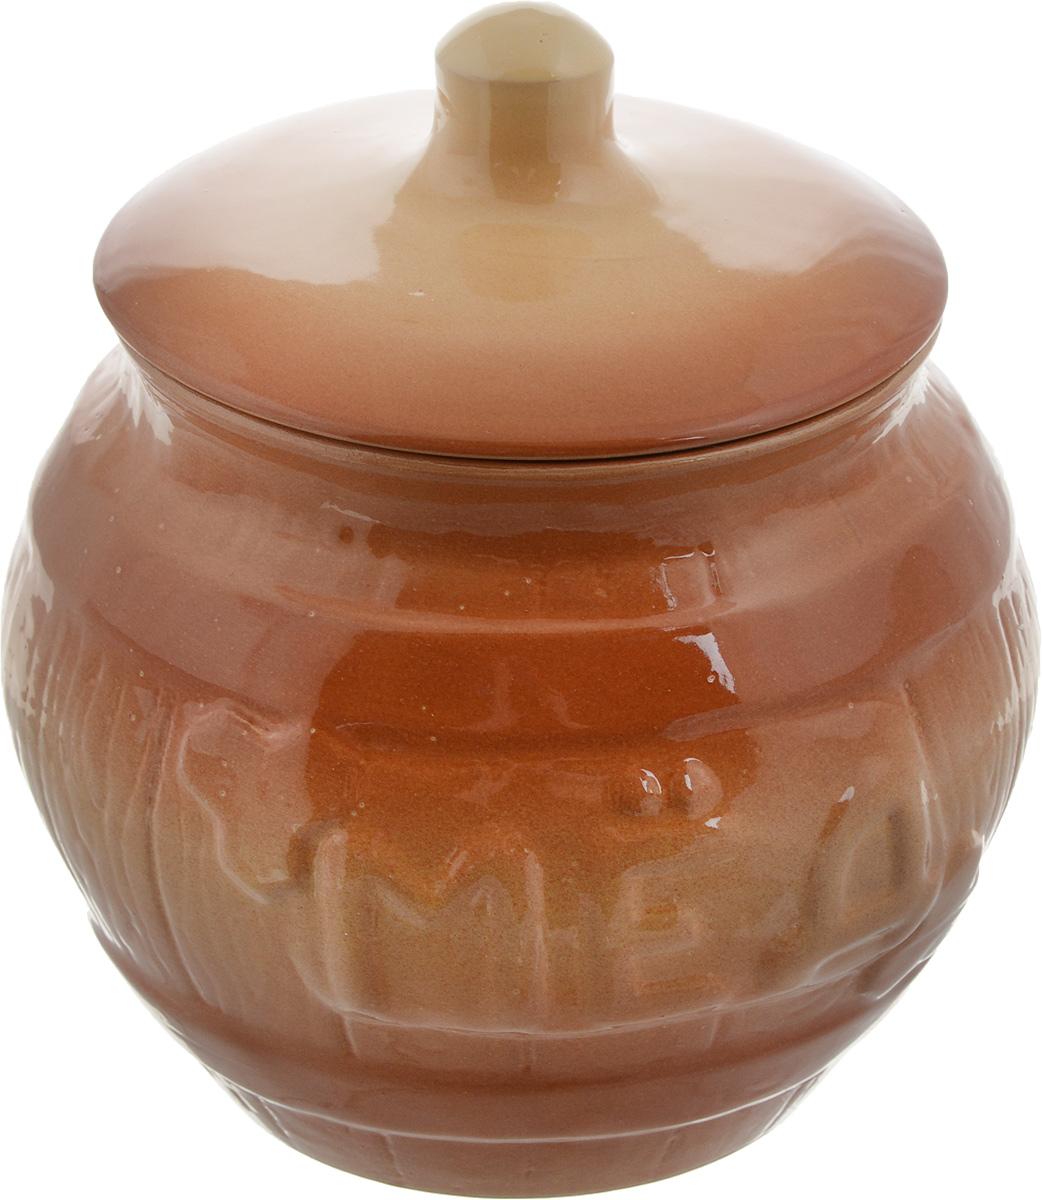 Горшочек для меда Борисовская керамика Cтандарт, цвет: светло-коричневый, 900 мл115510Удобный горшочек для меда Борисовская керамика Cтандарт, выполненный из высококачественной керамики, предназначен для хранения меда. Но универсальность керамики позволяет хранить в нем любые продукты и даже запекать. Очень оригинально смотрится в любом интерьере.Высота горшочка - 16 см.Диаметр горшочка - 14 см.